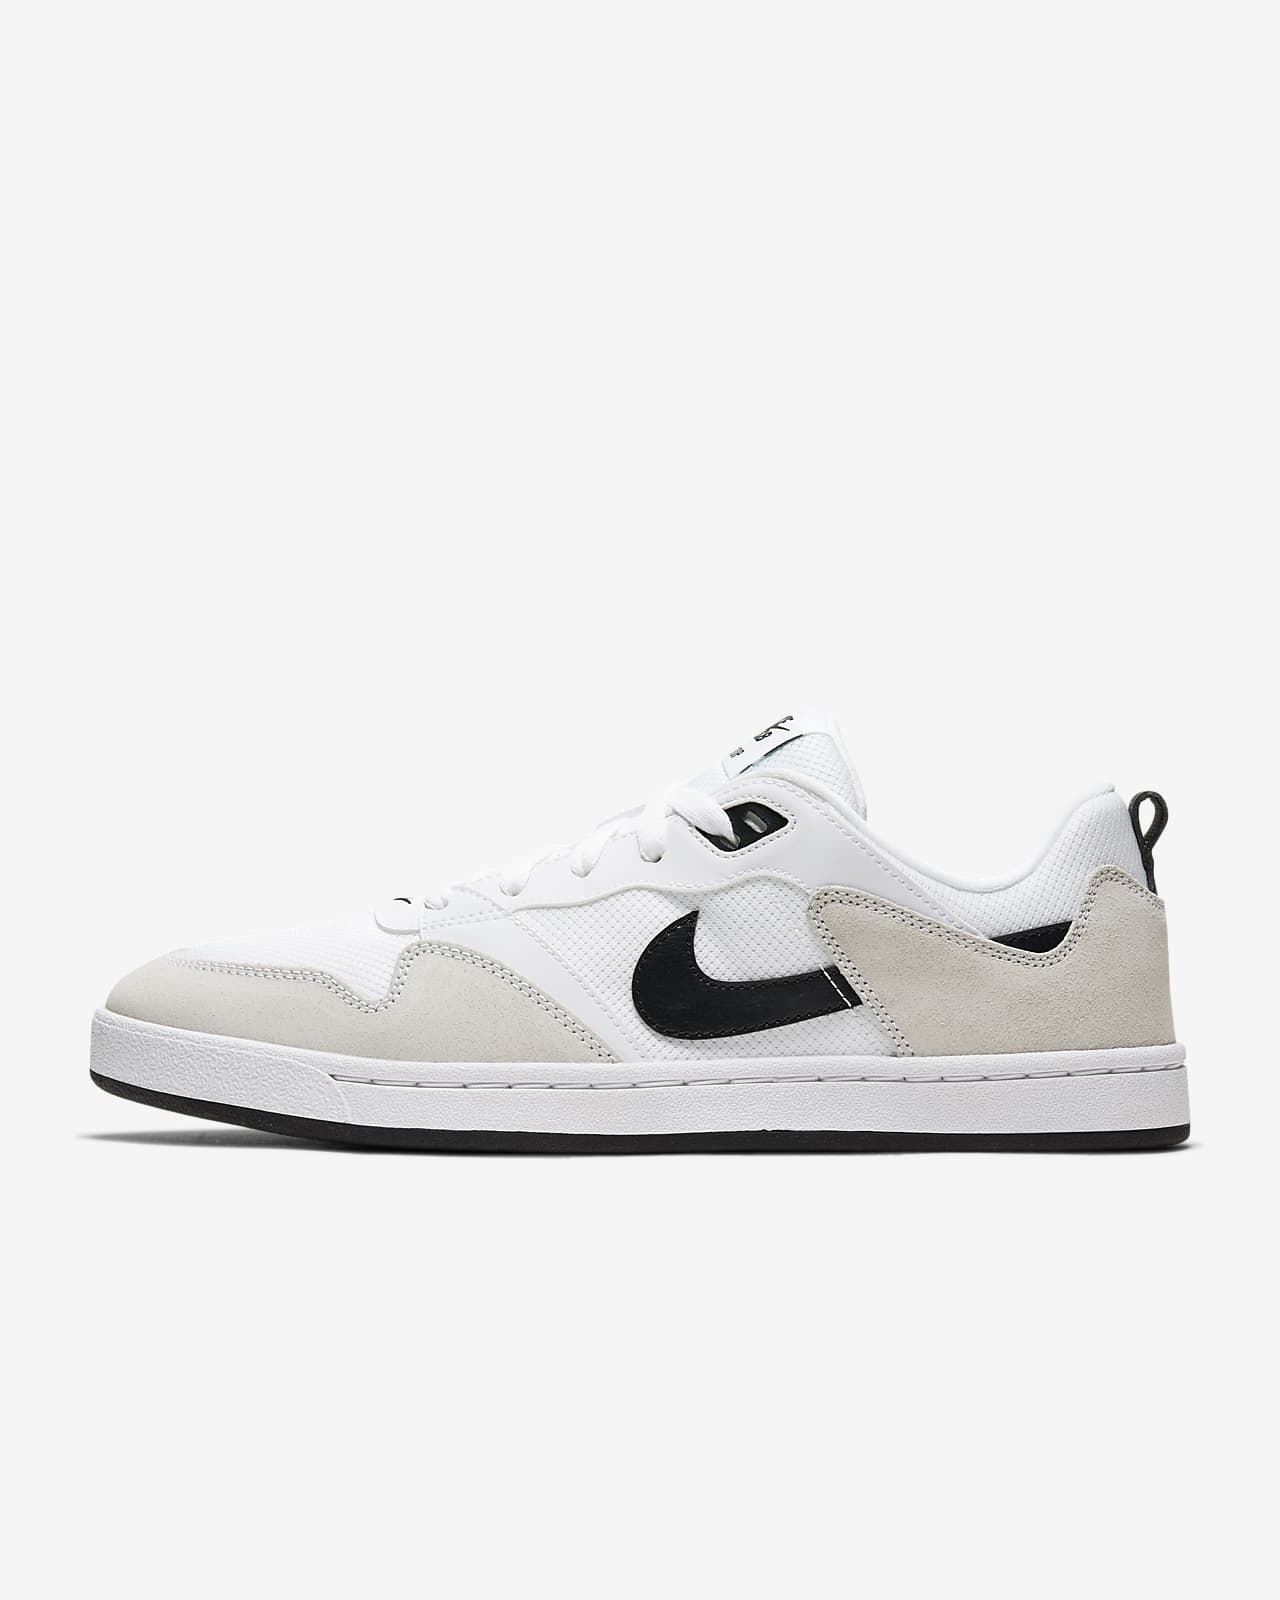 Nike SB Alleyoop Skateboardschuh